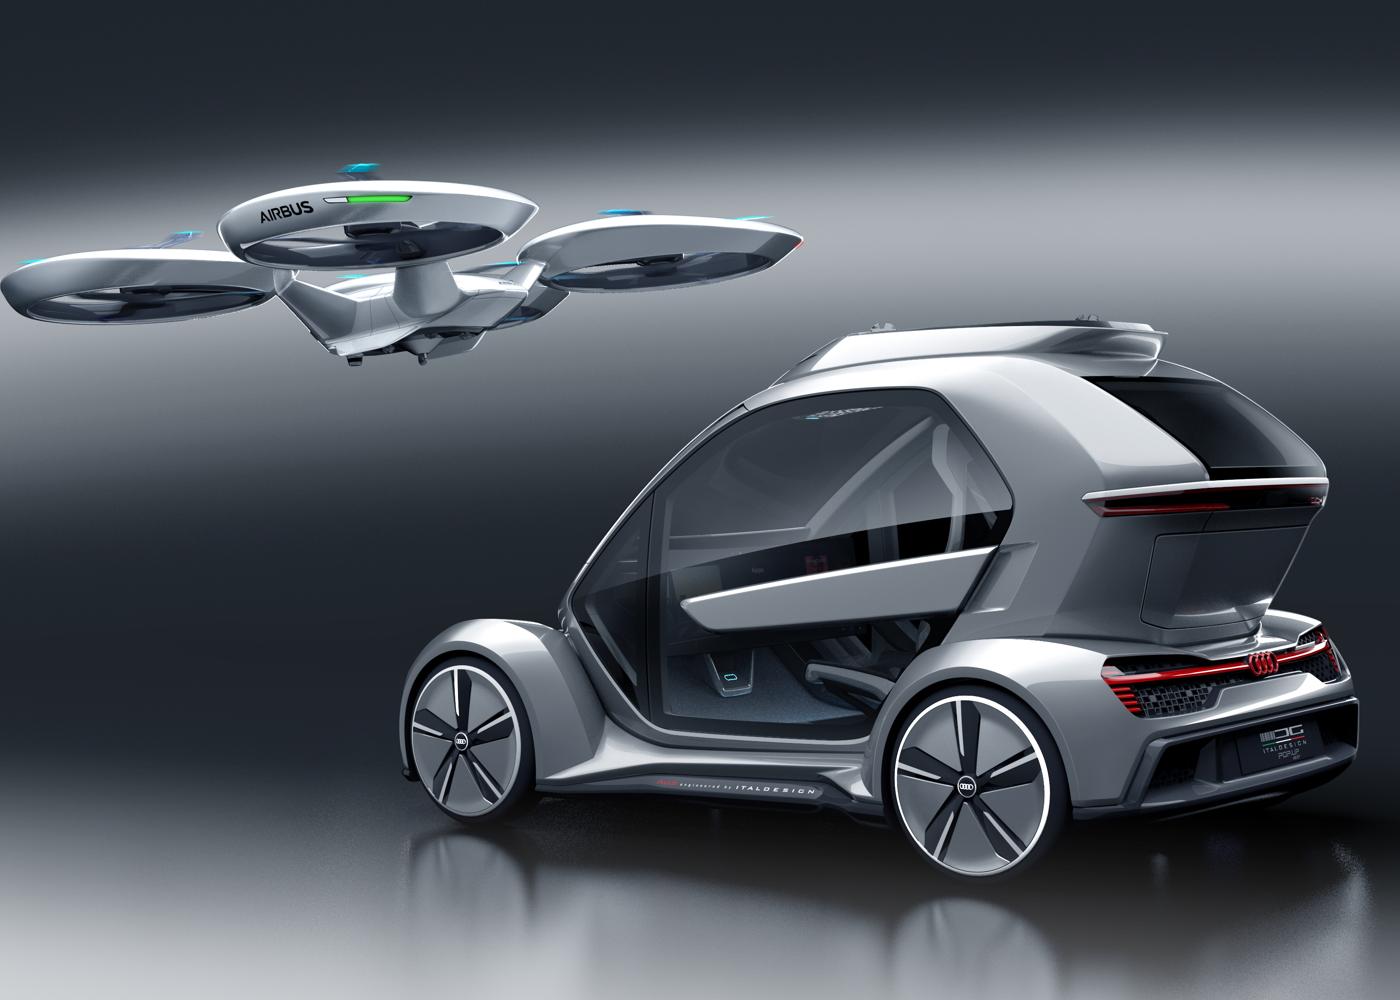 Airbus, Audi and Italdesign Pop.Up Next